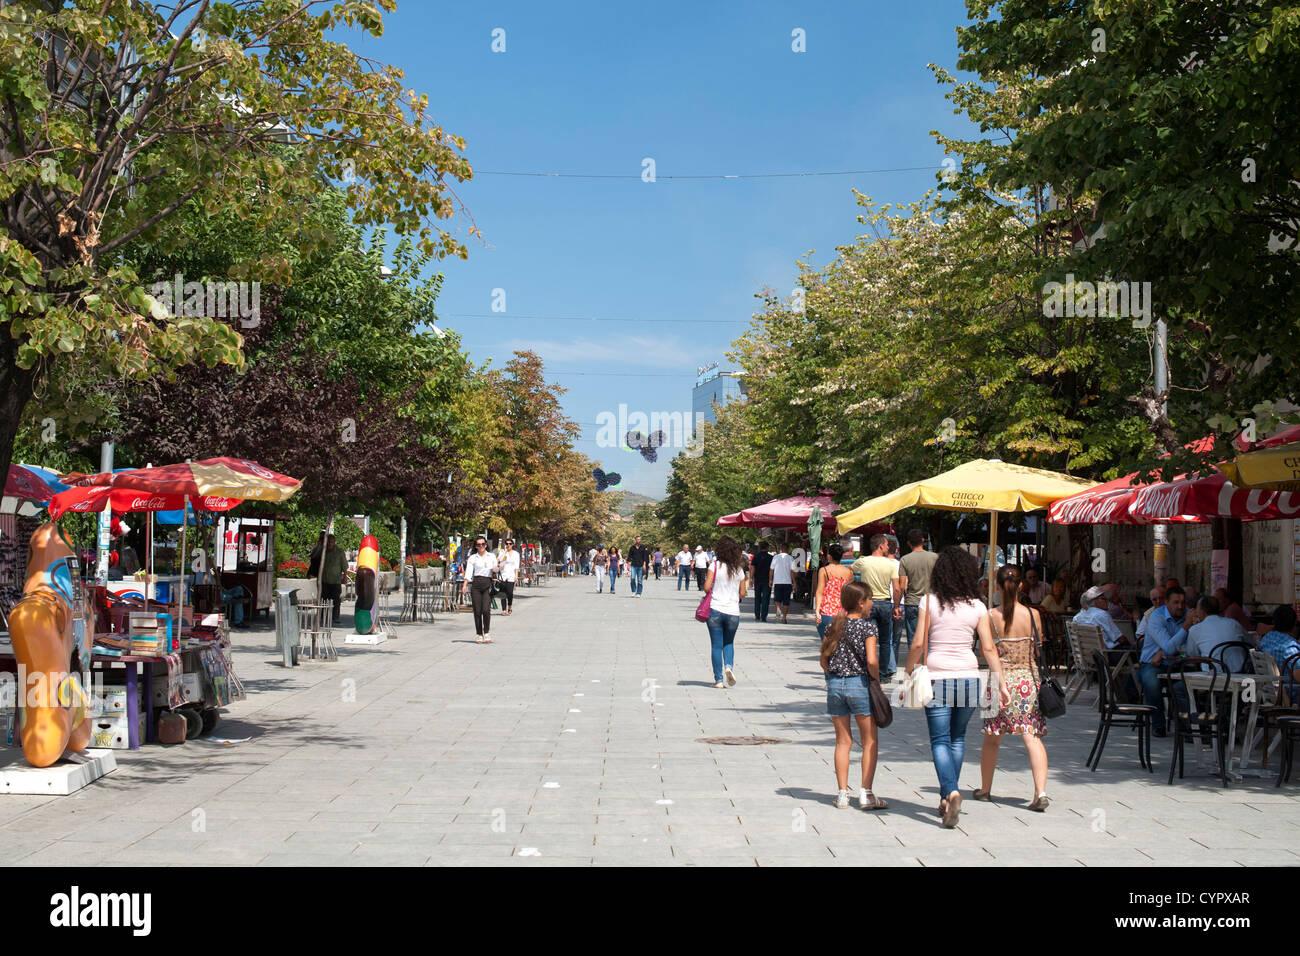 Fußgänger zu Fuß entlang Boulevard Nene Tereza in Pristina, der Hauptstadt der Republik Kosovo. Stockbild